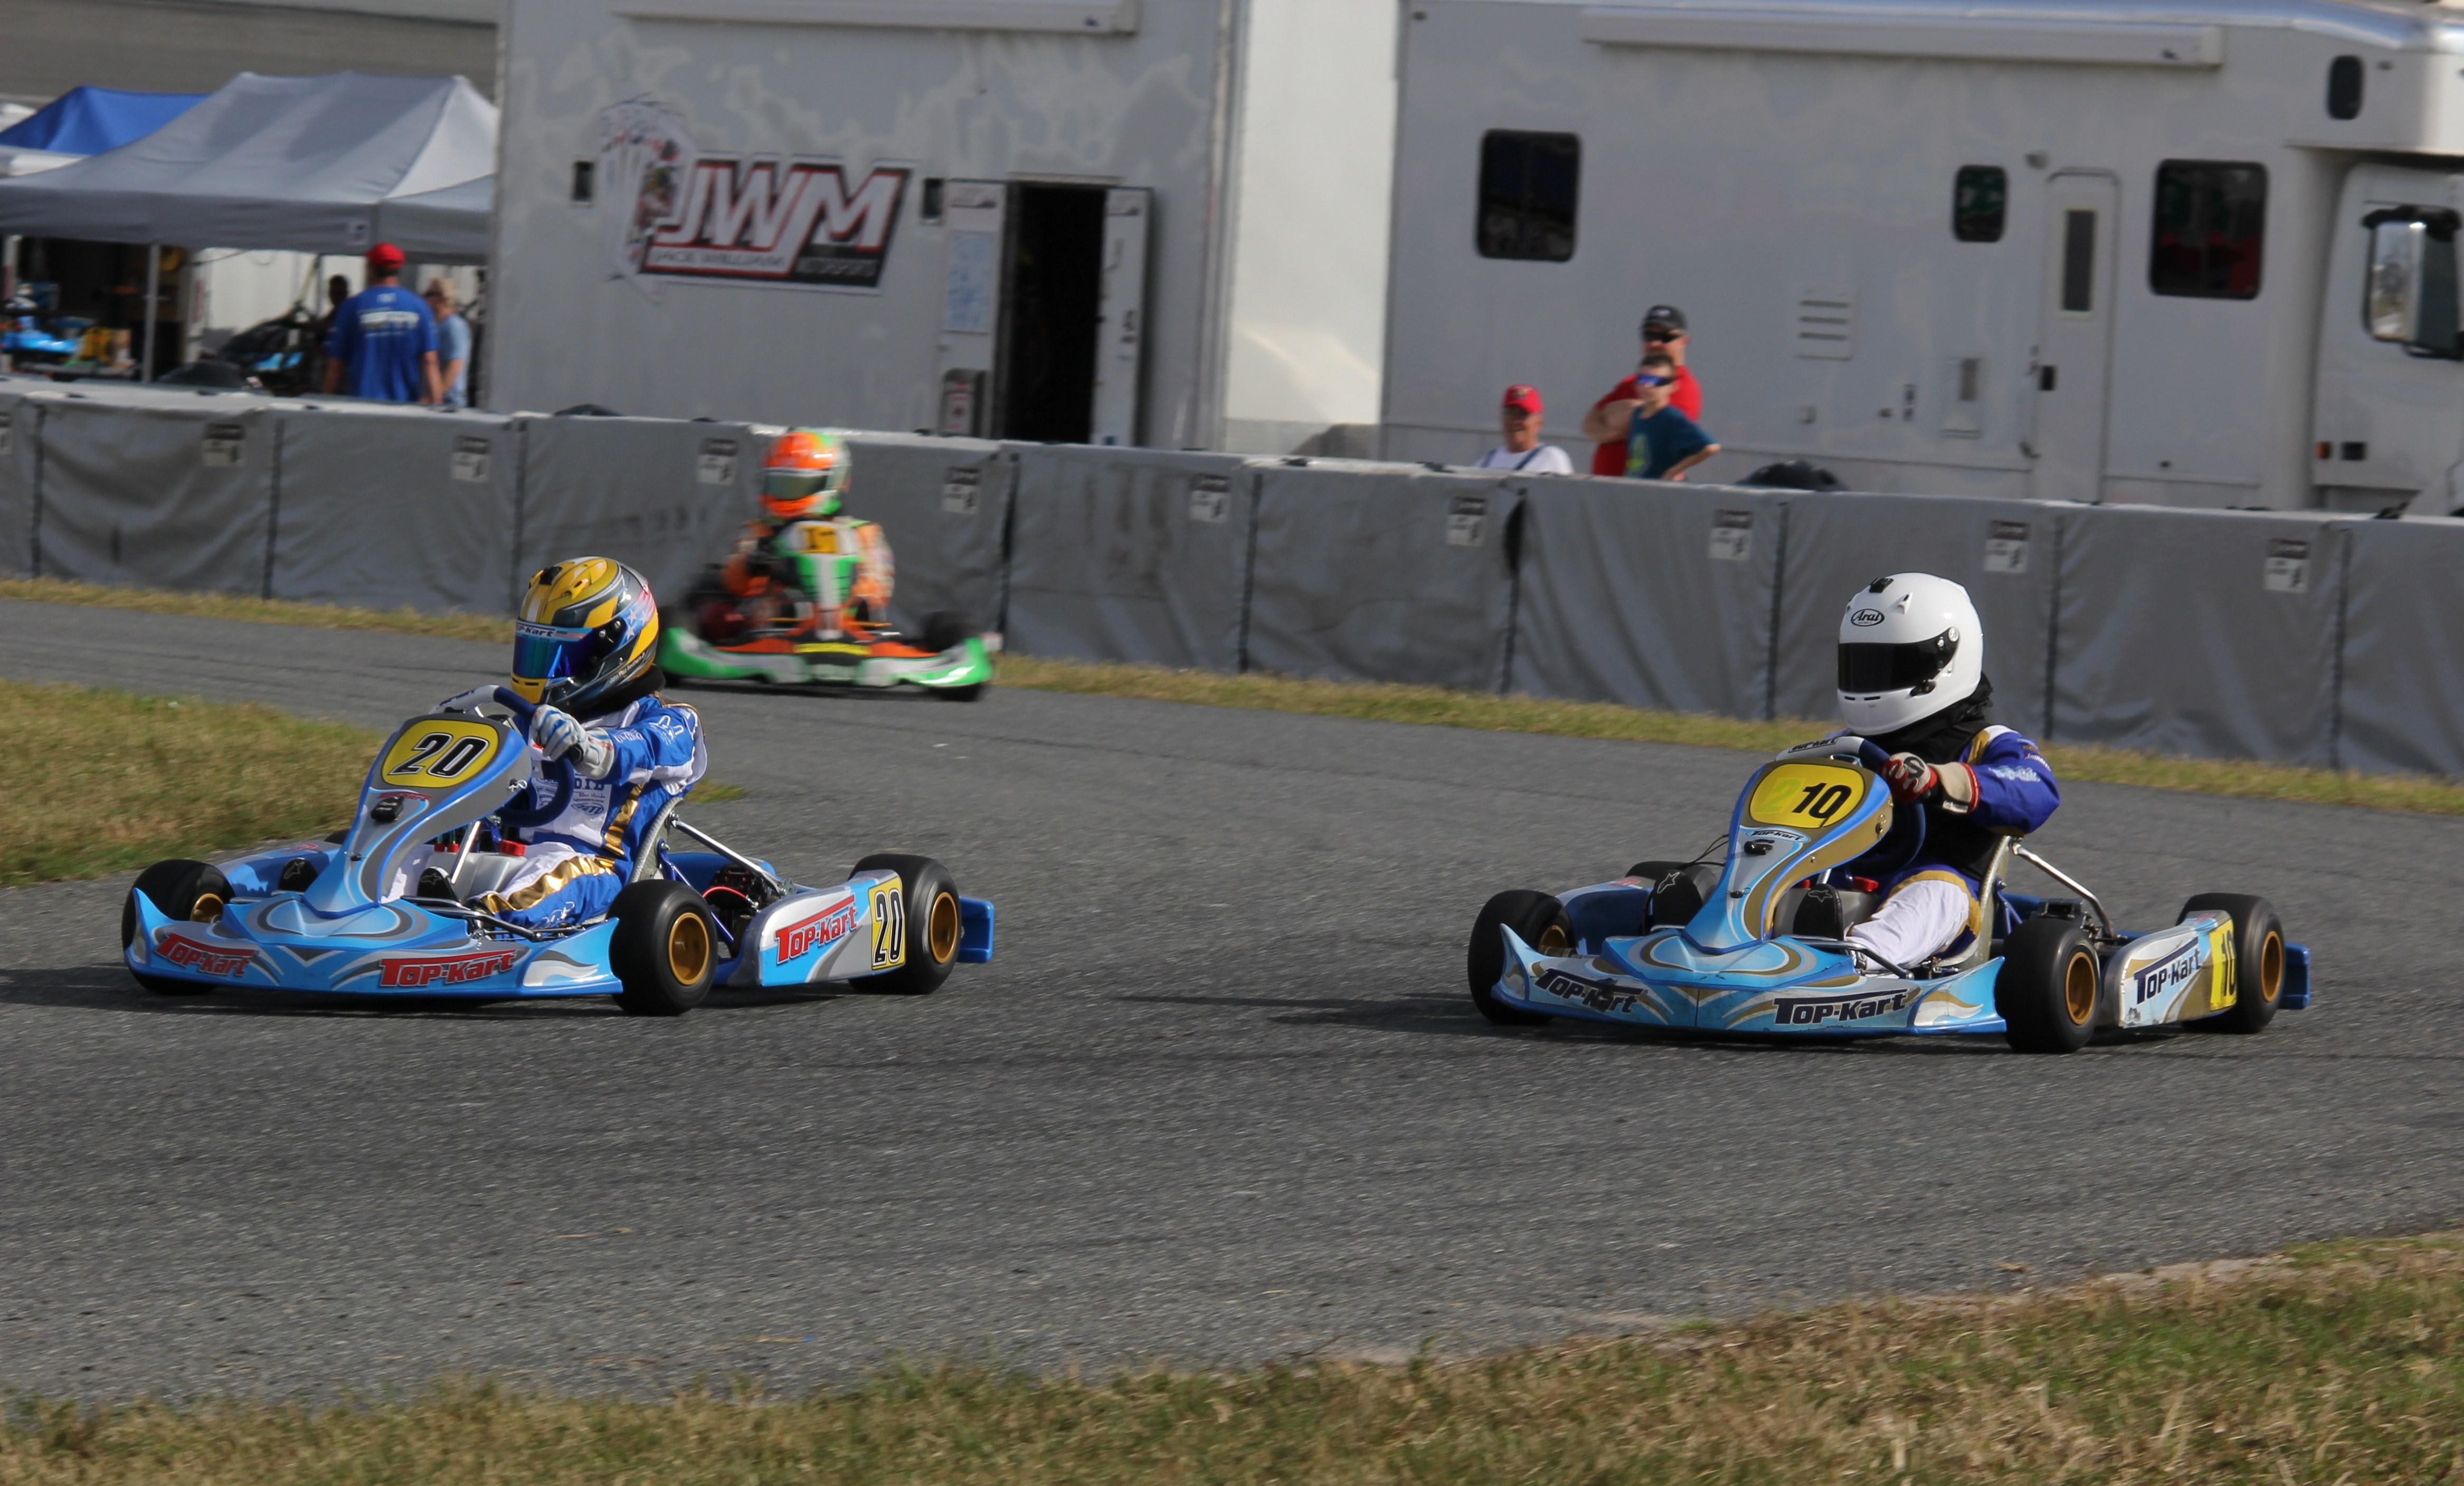 Daytona Kart Racing Photos